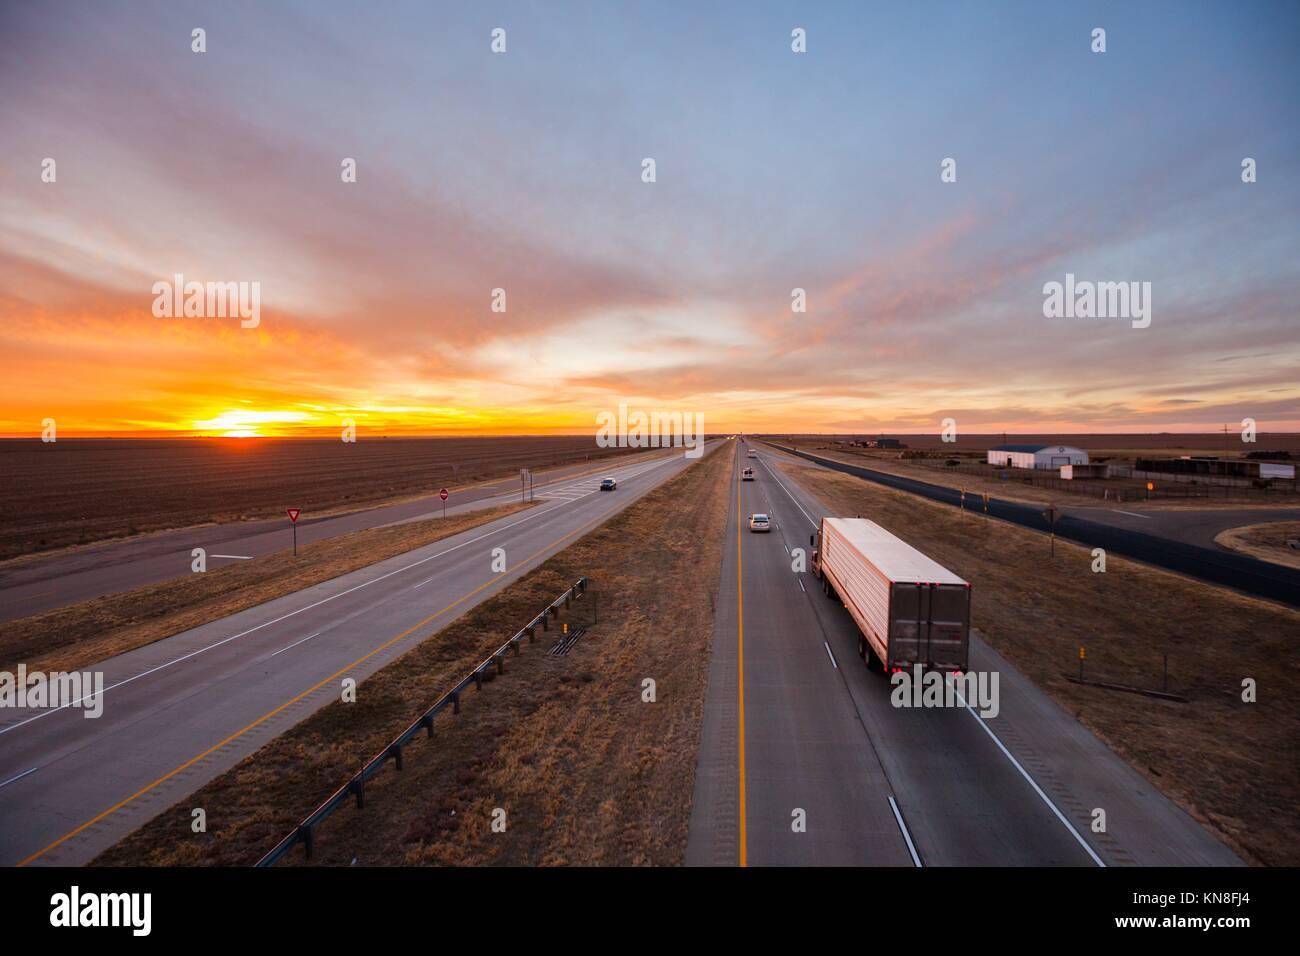 Los camiones en la carretera, en el suroeste de Estados Unidos. Foto de stock